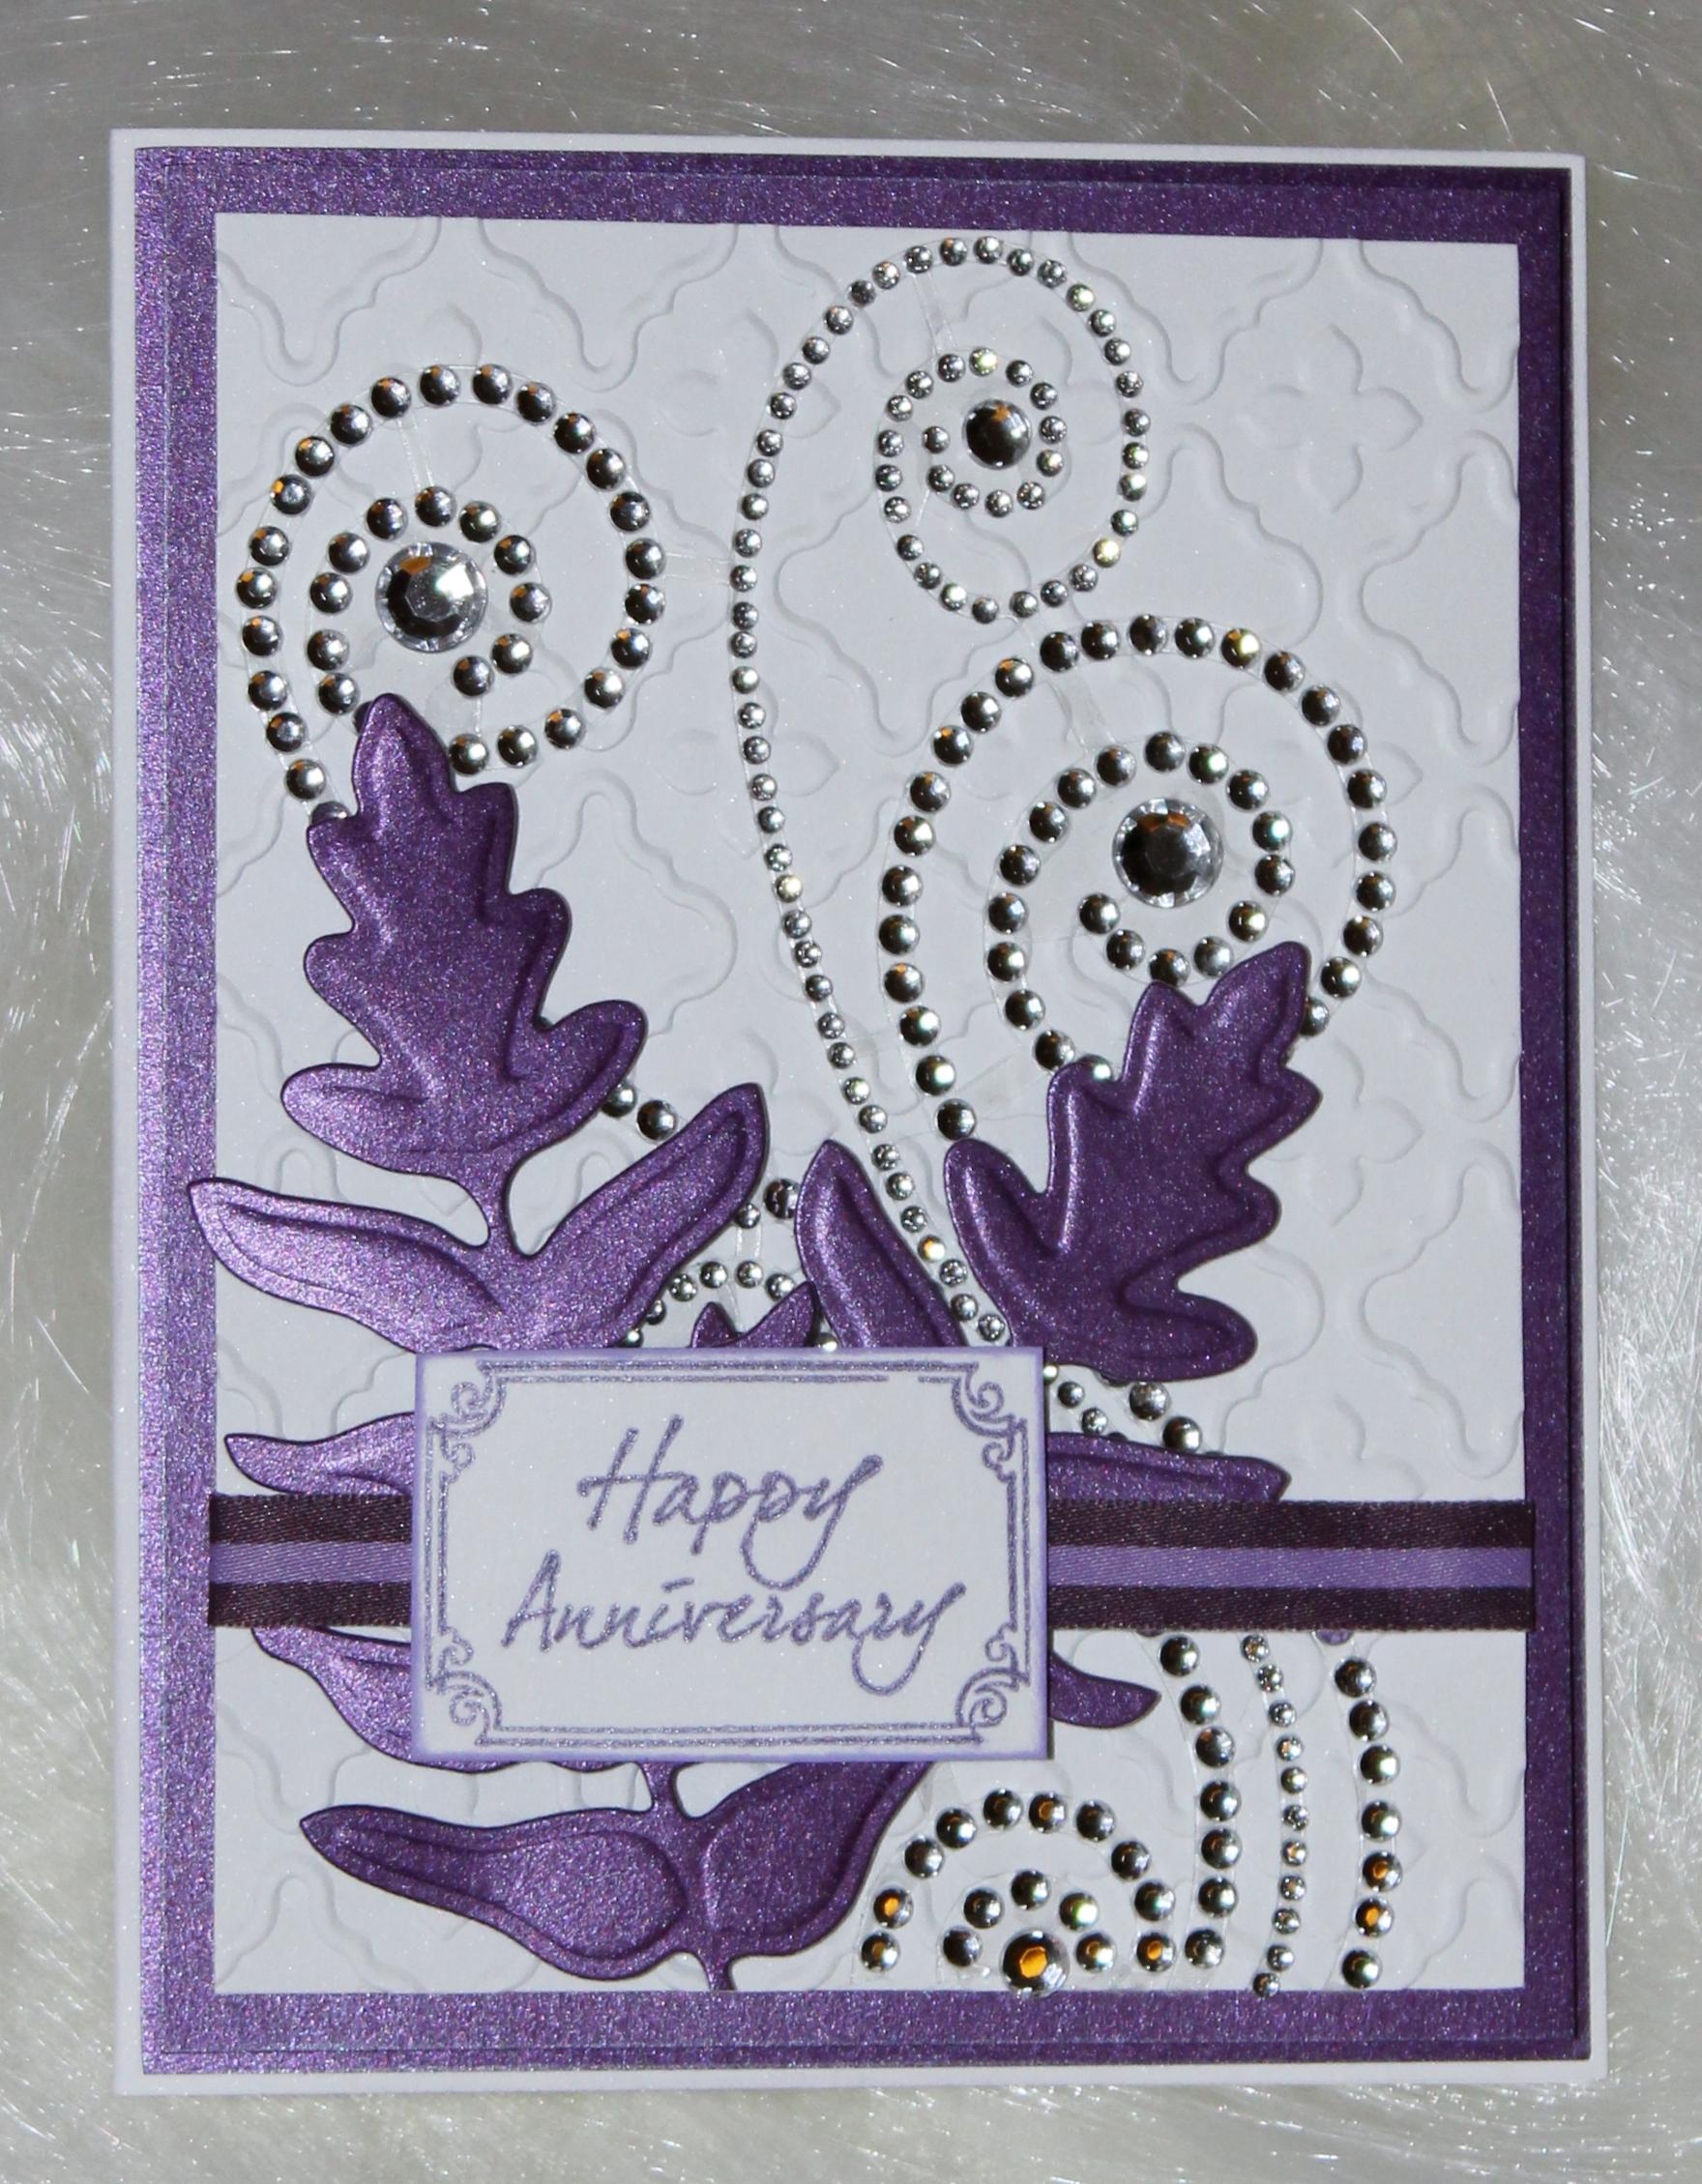 Anniversary card with rhinestone swirls create n craft